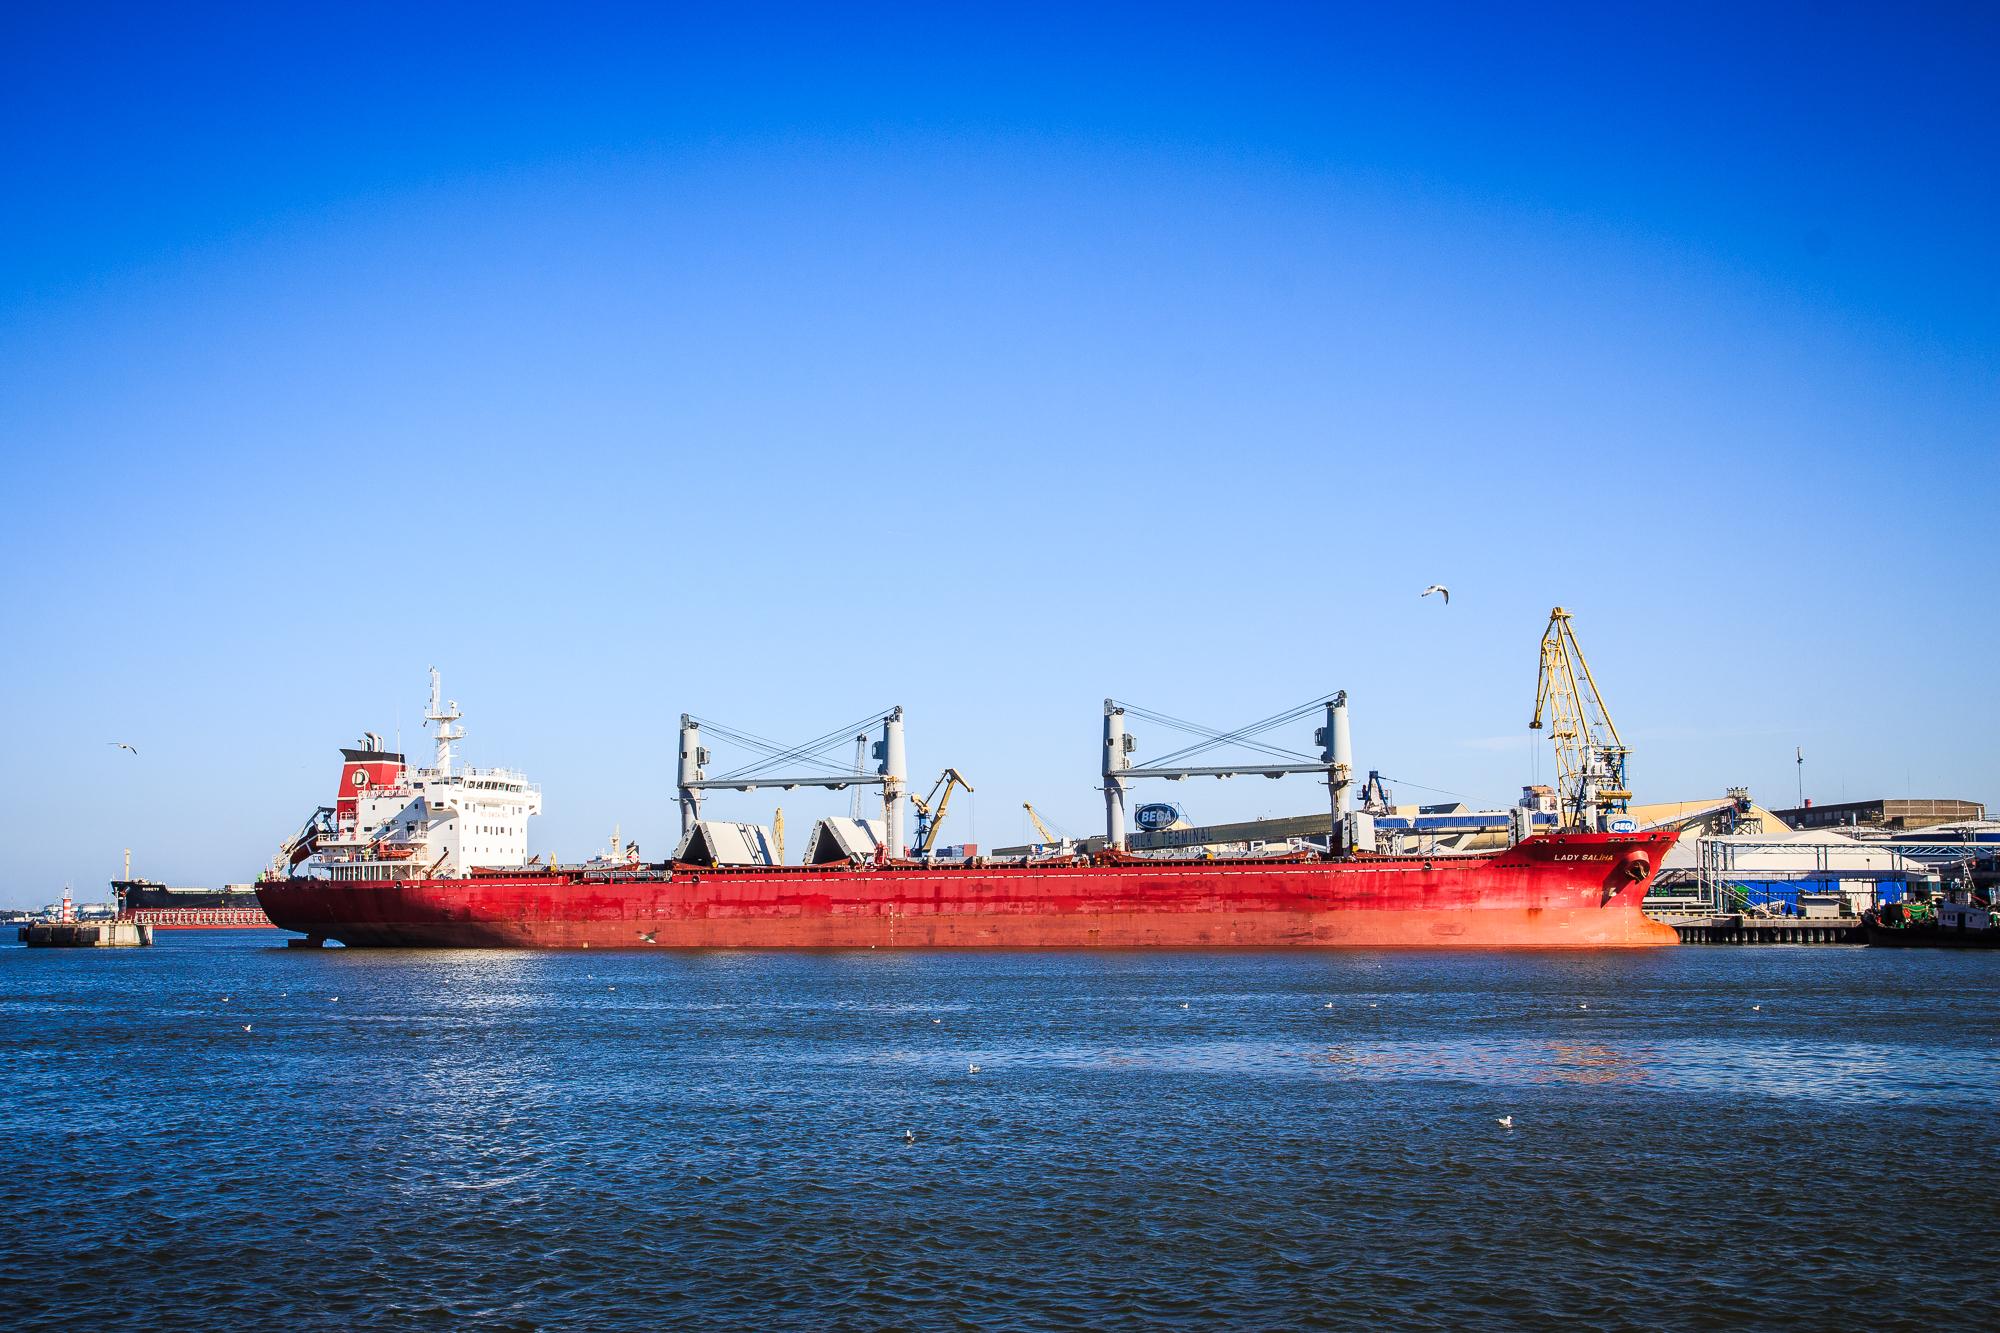 Red Ship Via @Atisgailis